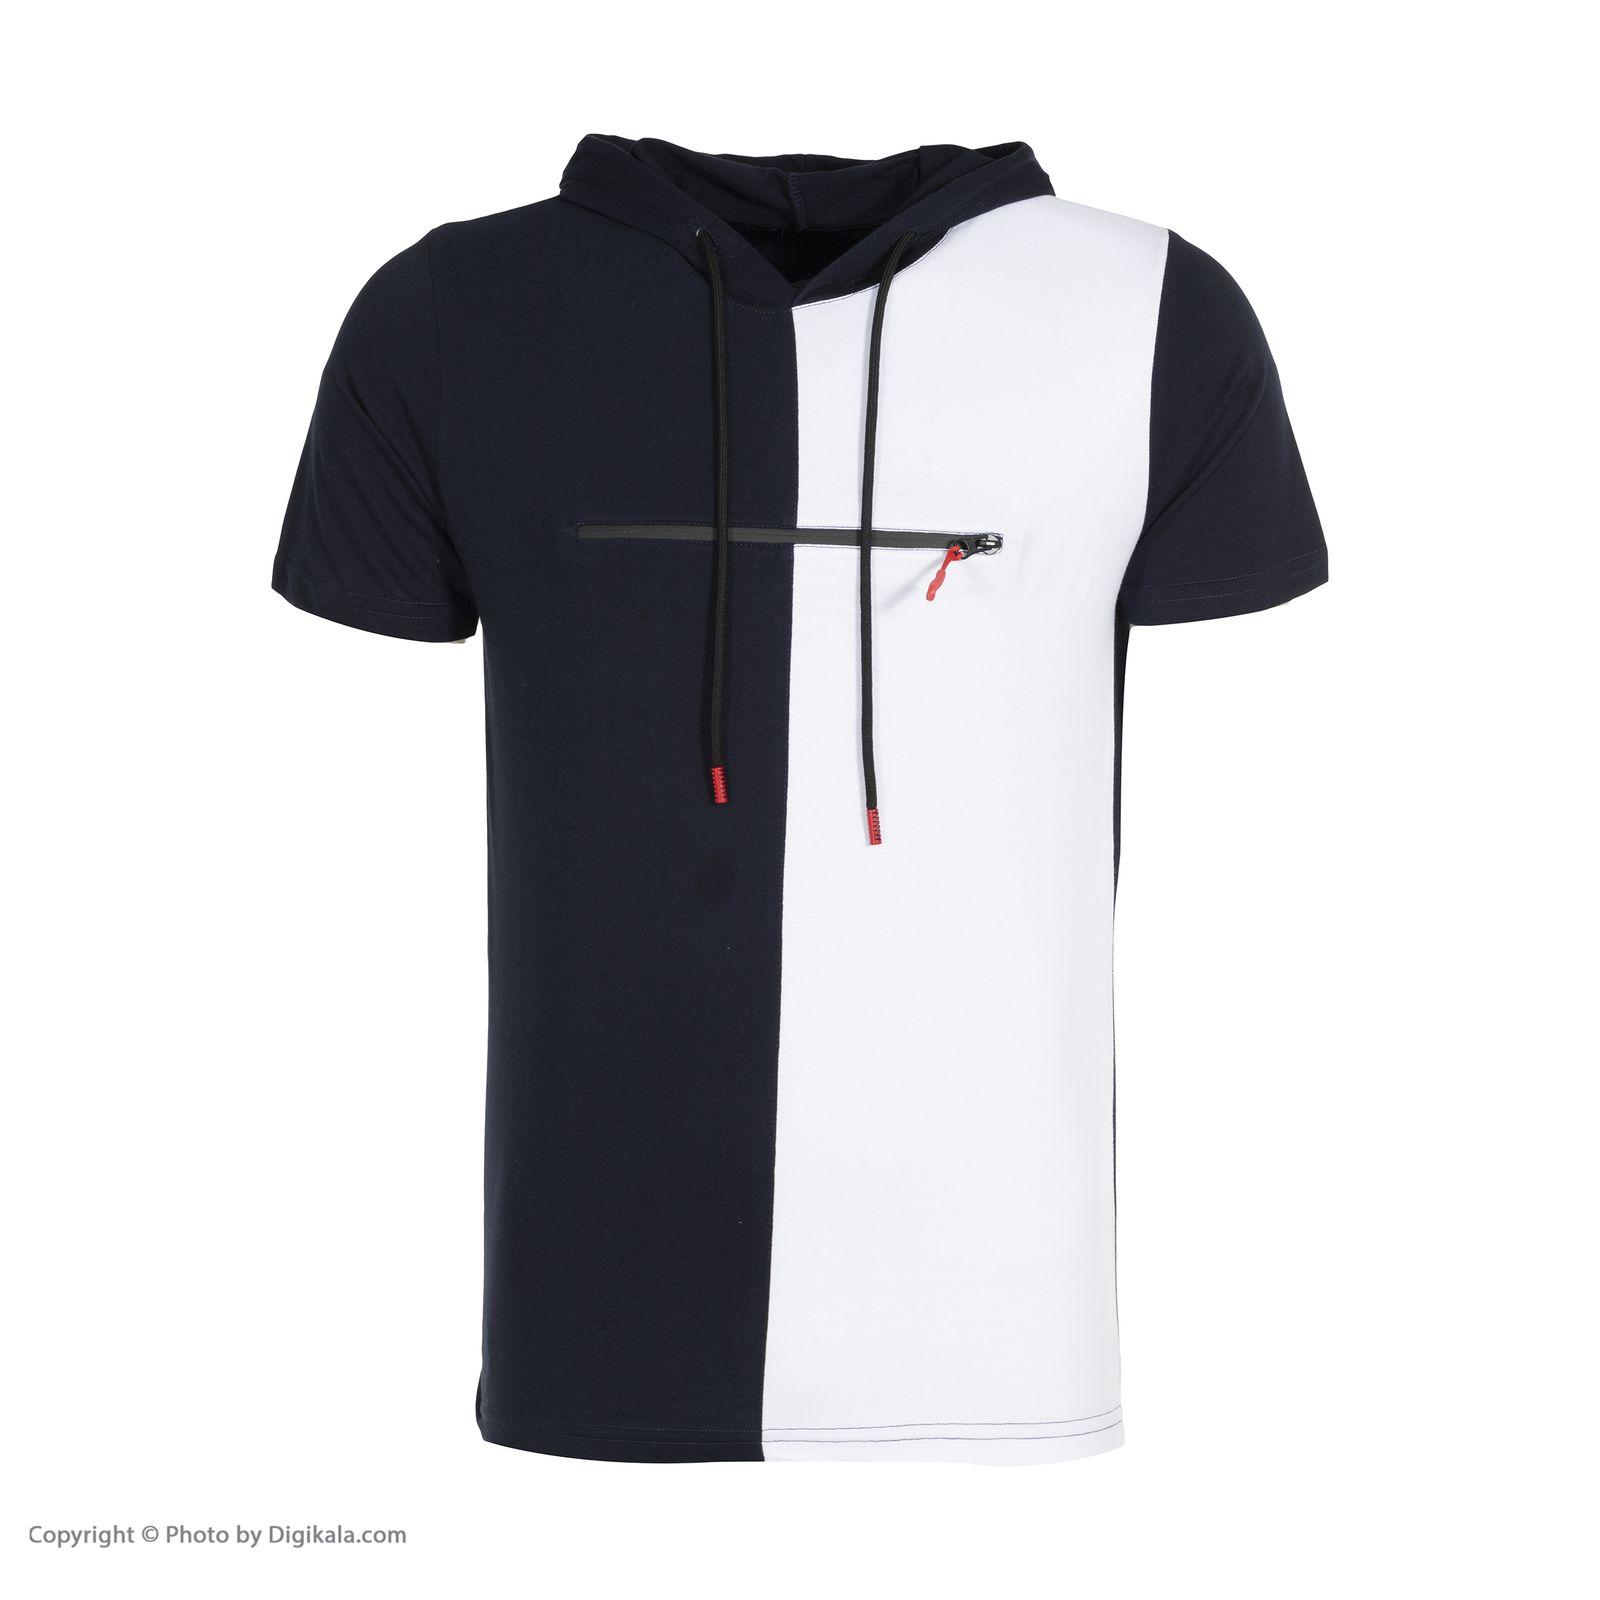 تی شرت آستین کوتاه مردانه باینت کد 371 main 1 1